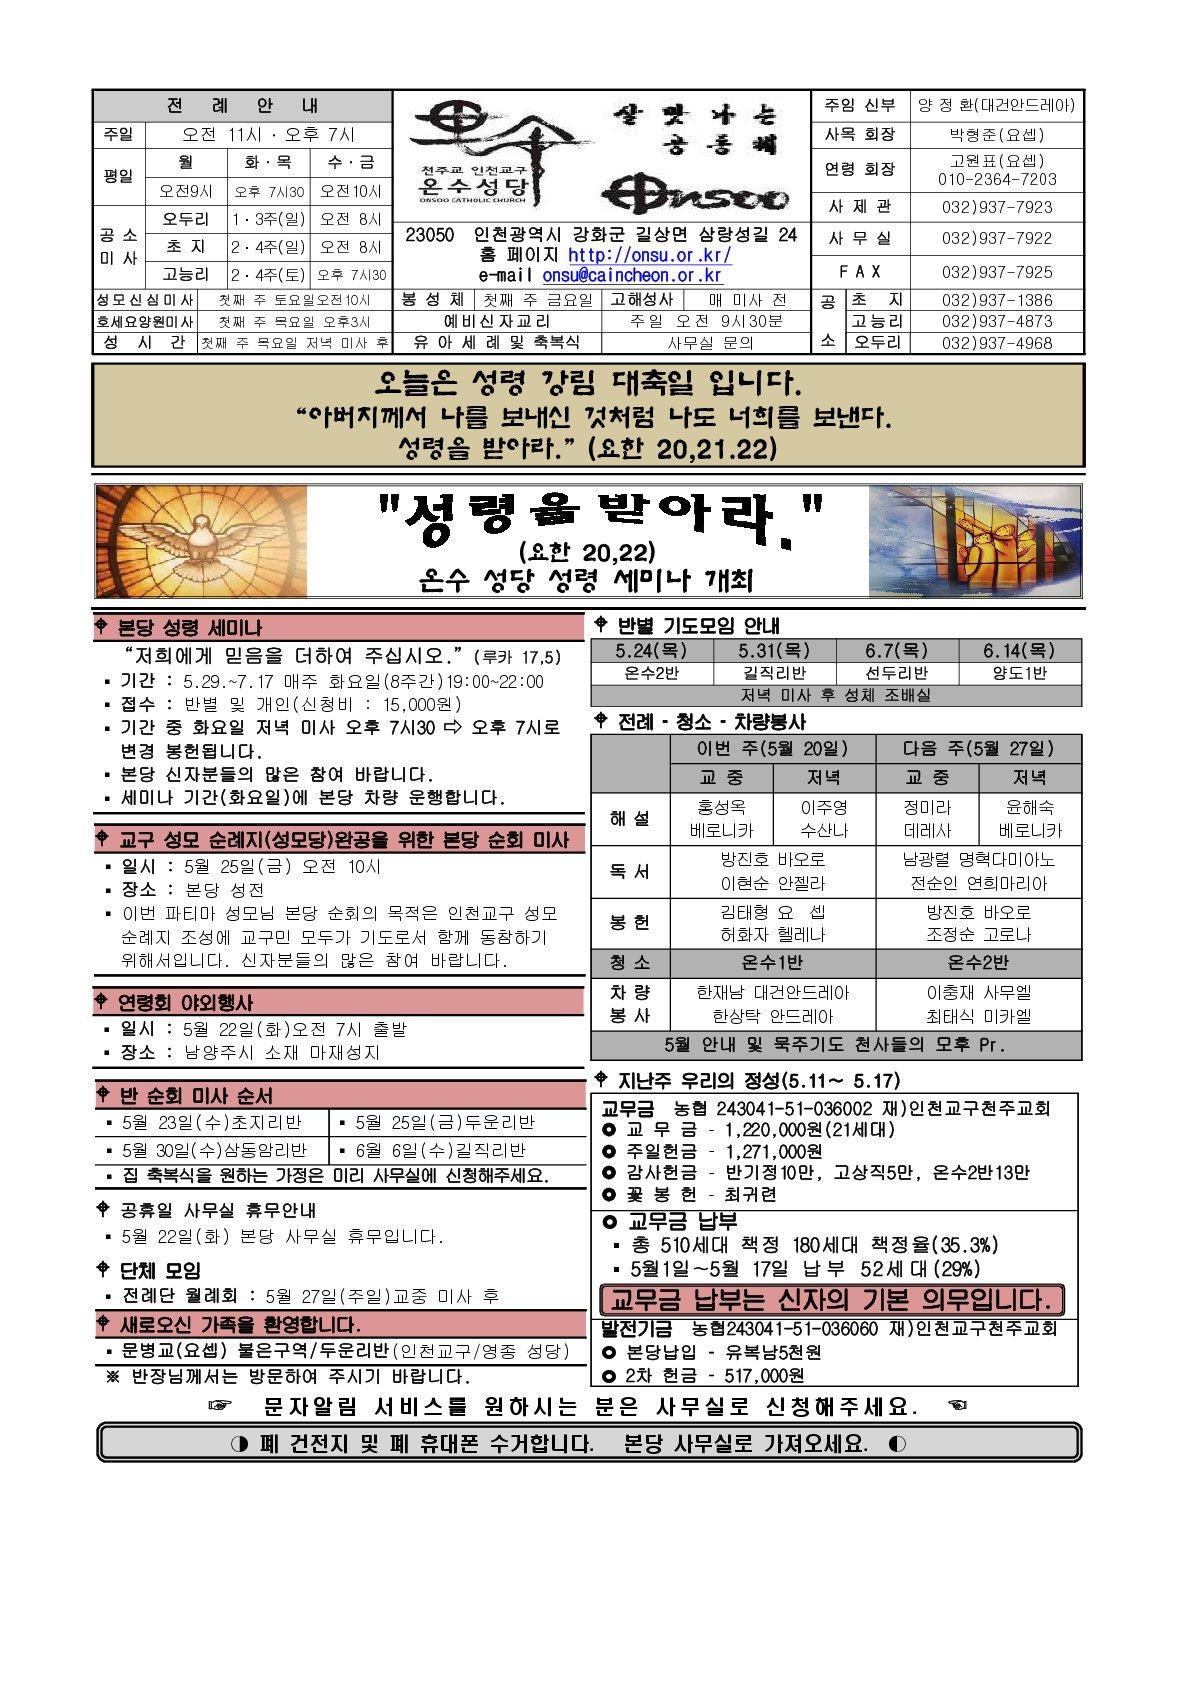 성령 강림 대축일(5.20)_1.jpg